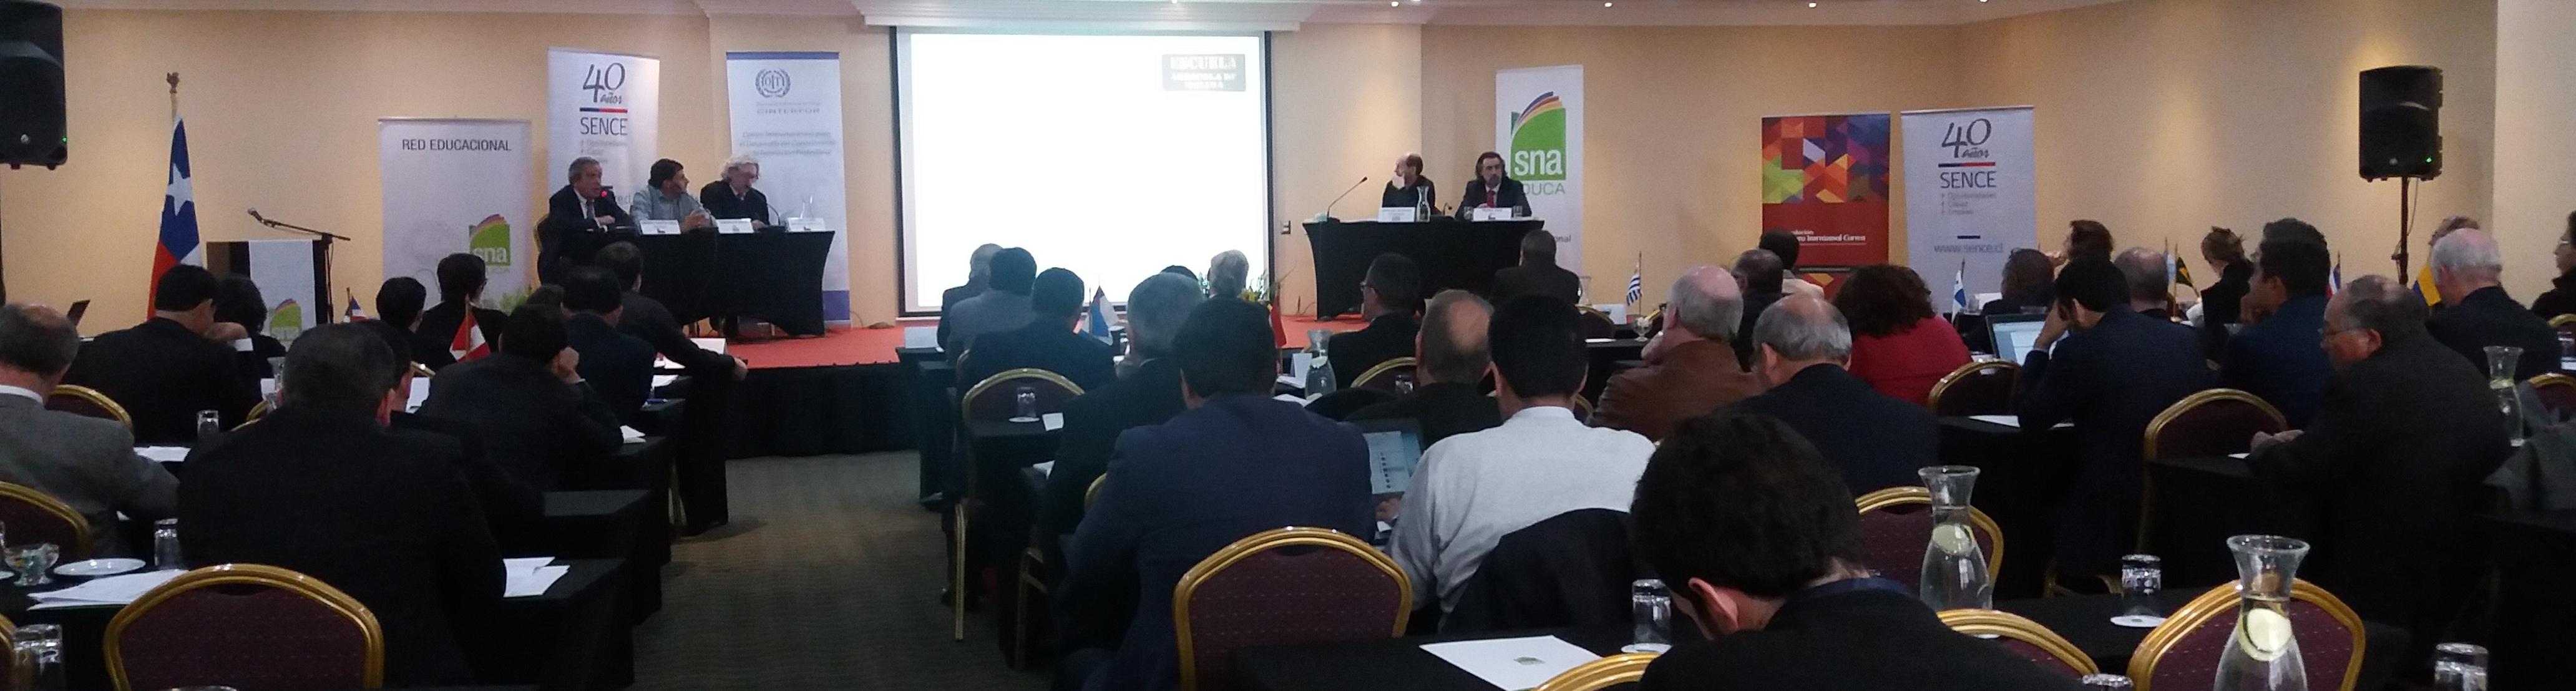 El director nacional compartió testera con expositores de Colombia, Ministerio de Agricultura  y SNA Educa de Chile.